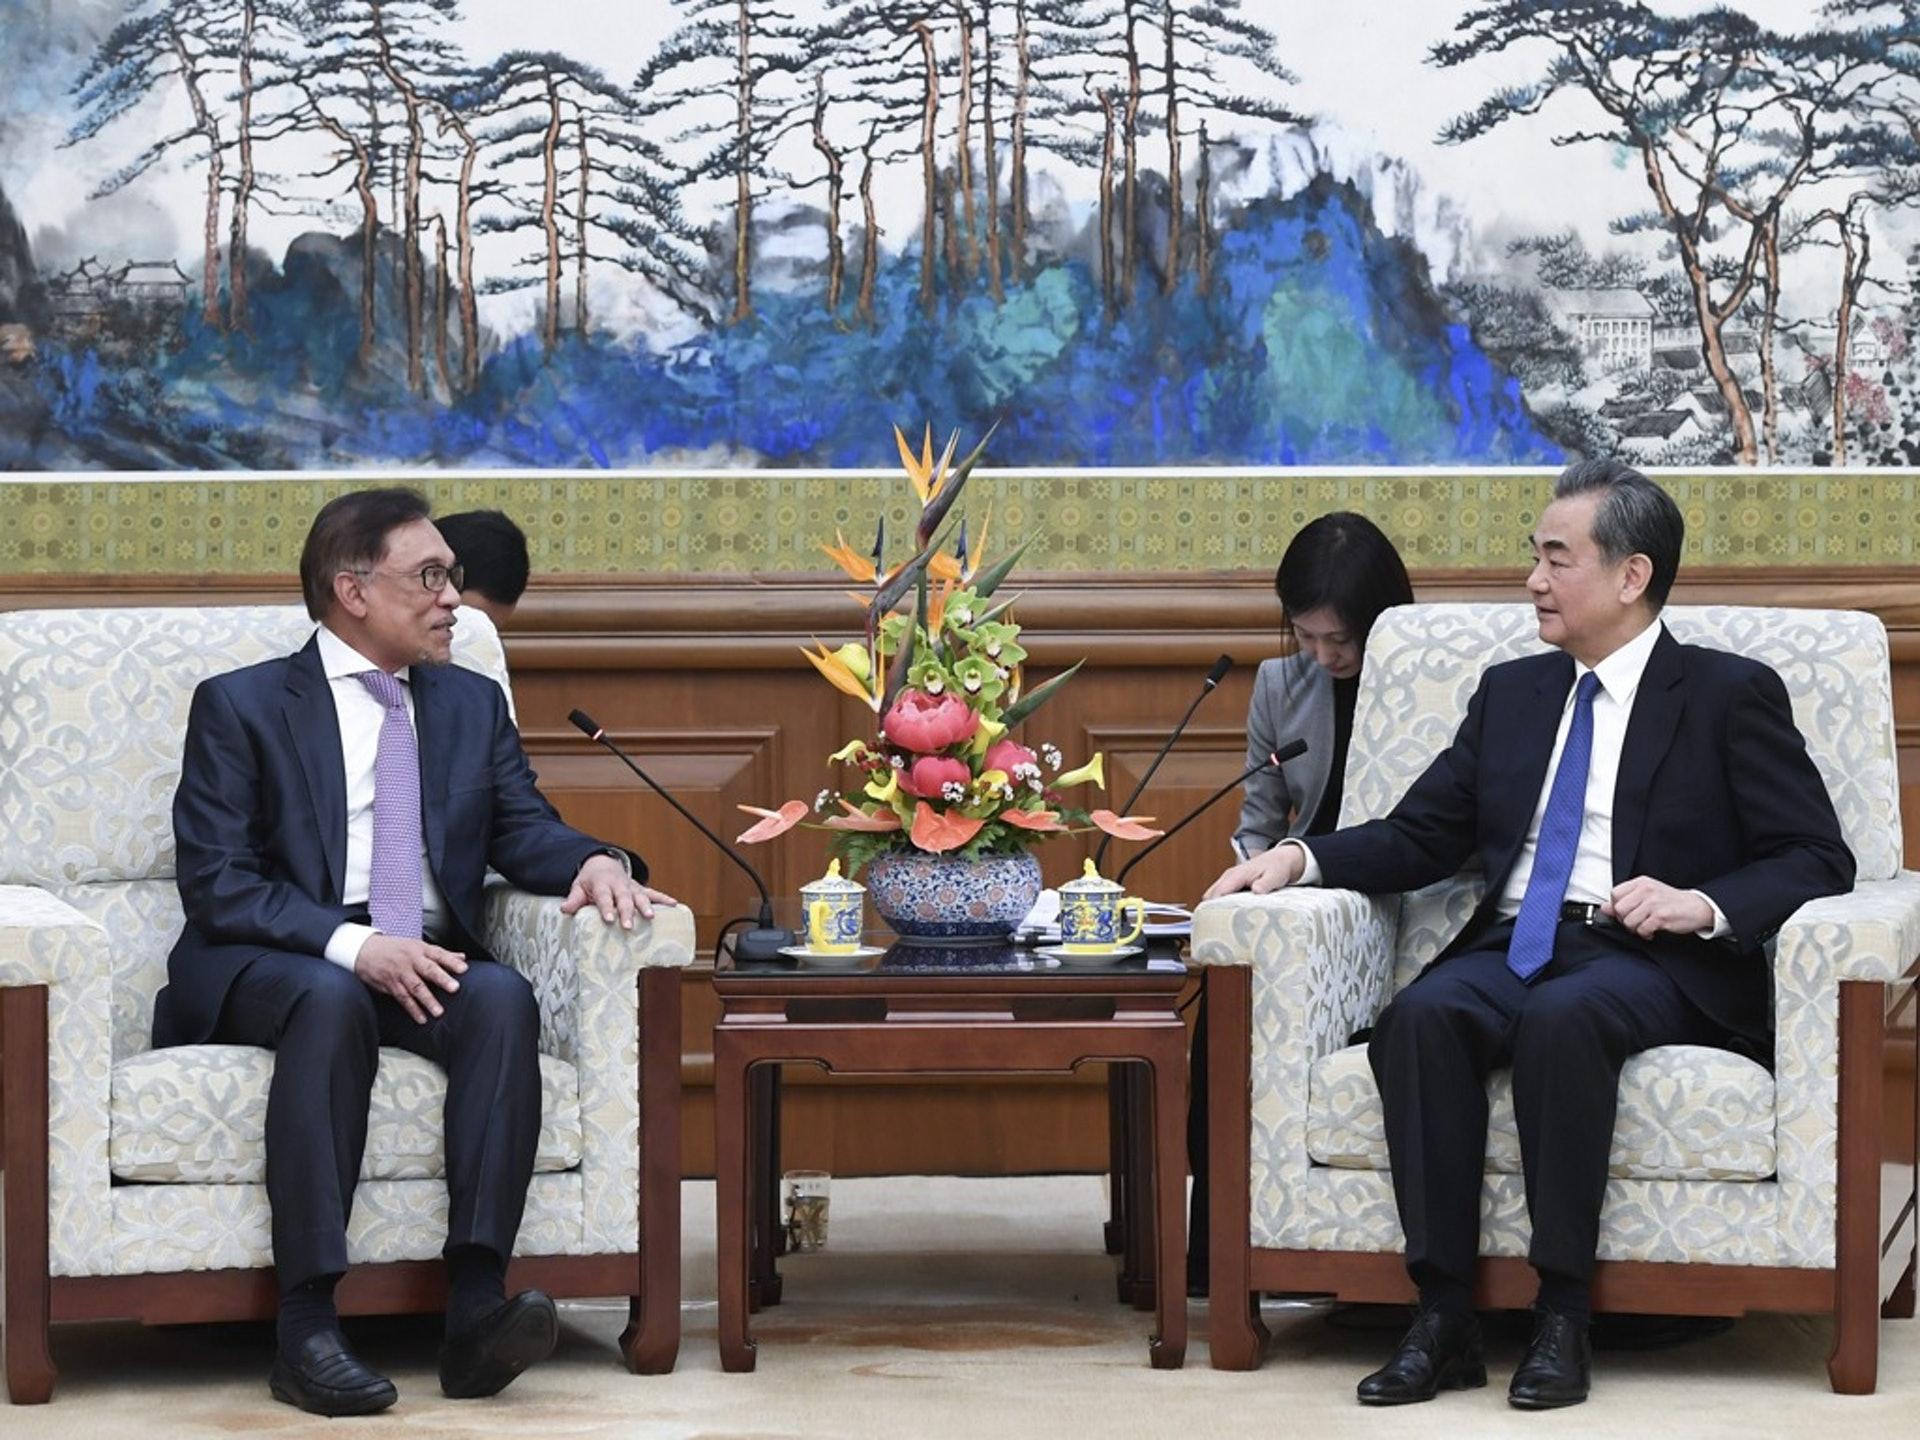 安華(左)在2018年大選勝利後總算也可以揚眉吐氣地前往國外出訪,但遺憾的是,他似乎終究得不到本應屬於他的總理寶座。圖為安華2018年10月訪華,並會見中國外長王毅。(新華社)